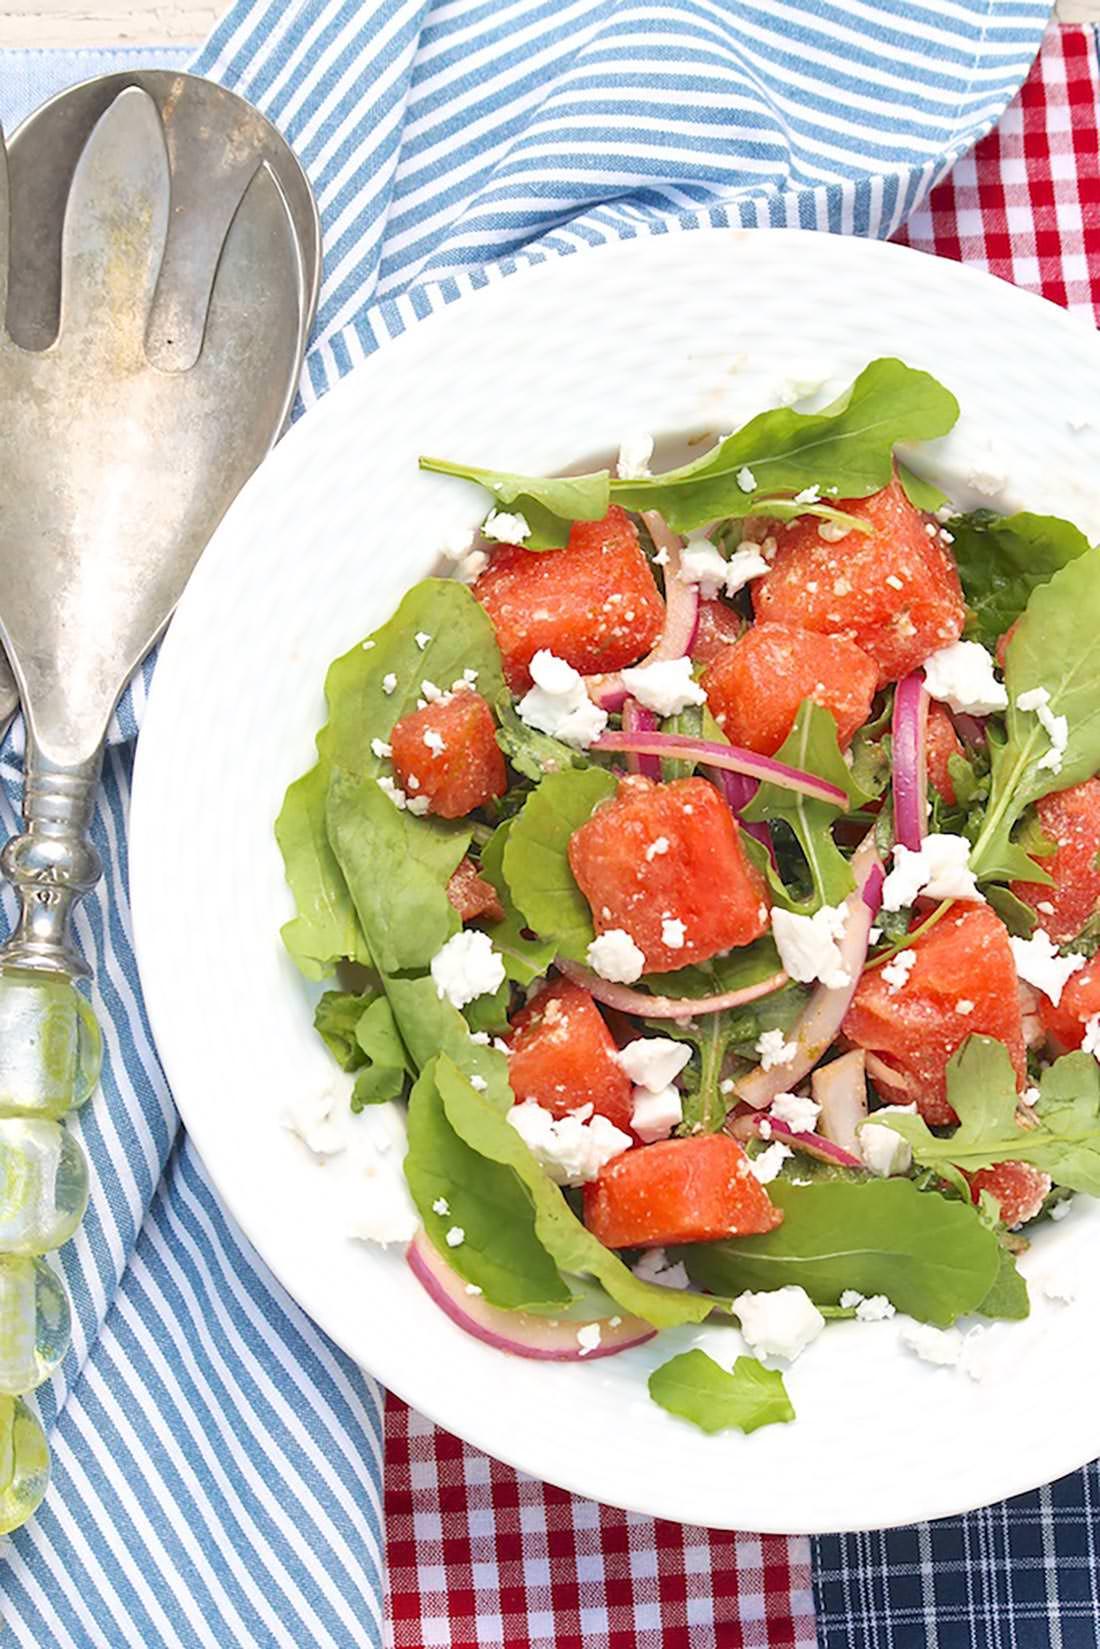 Abby's Watermelon Salad